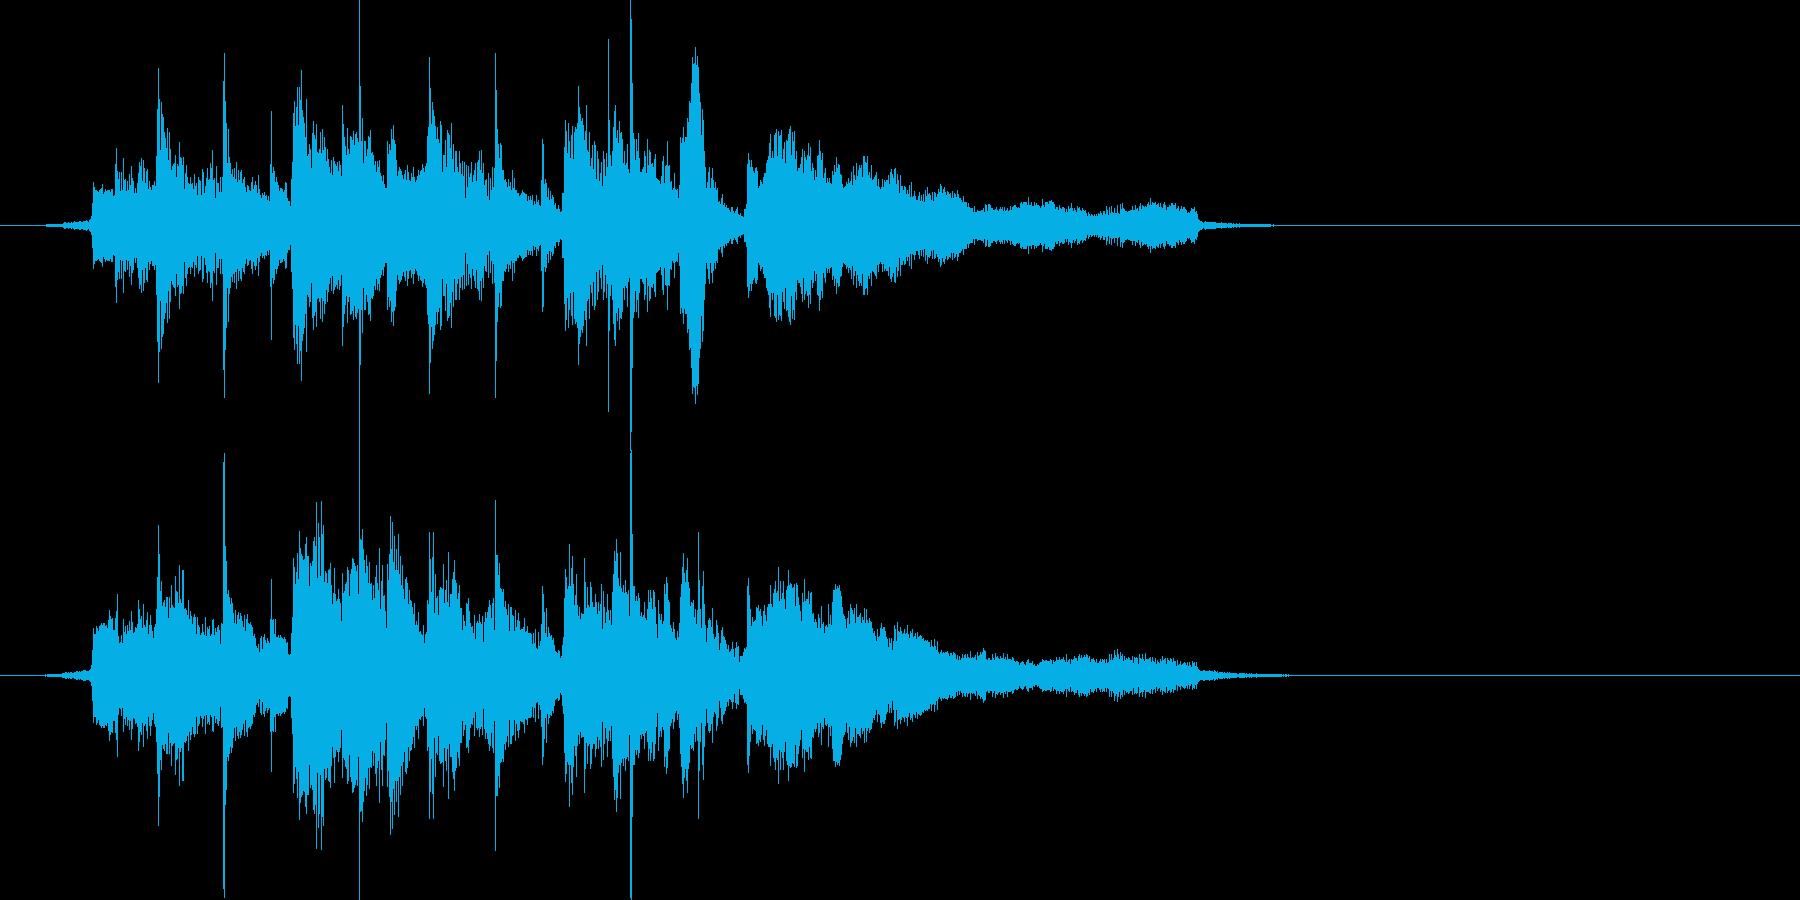 ビーチ風ジングル(波SE入り)の再生済みの波形